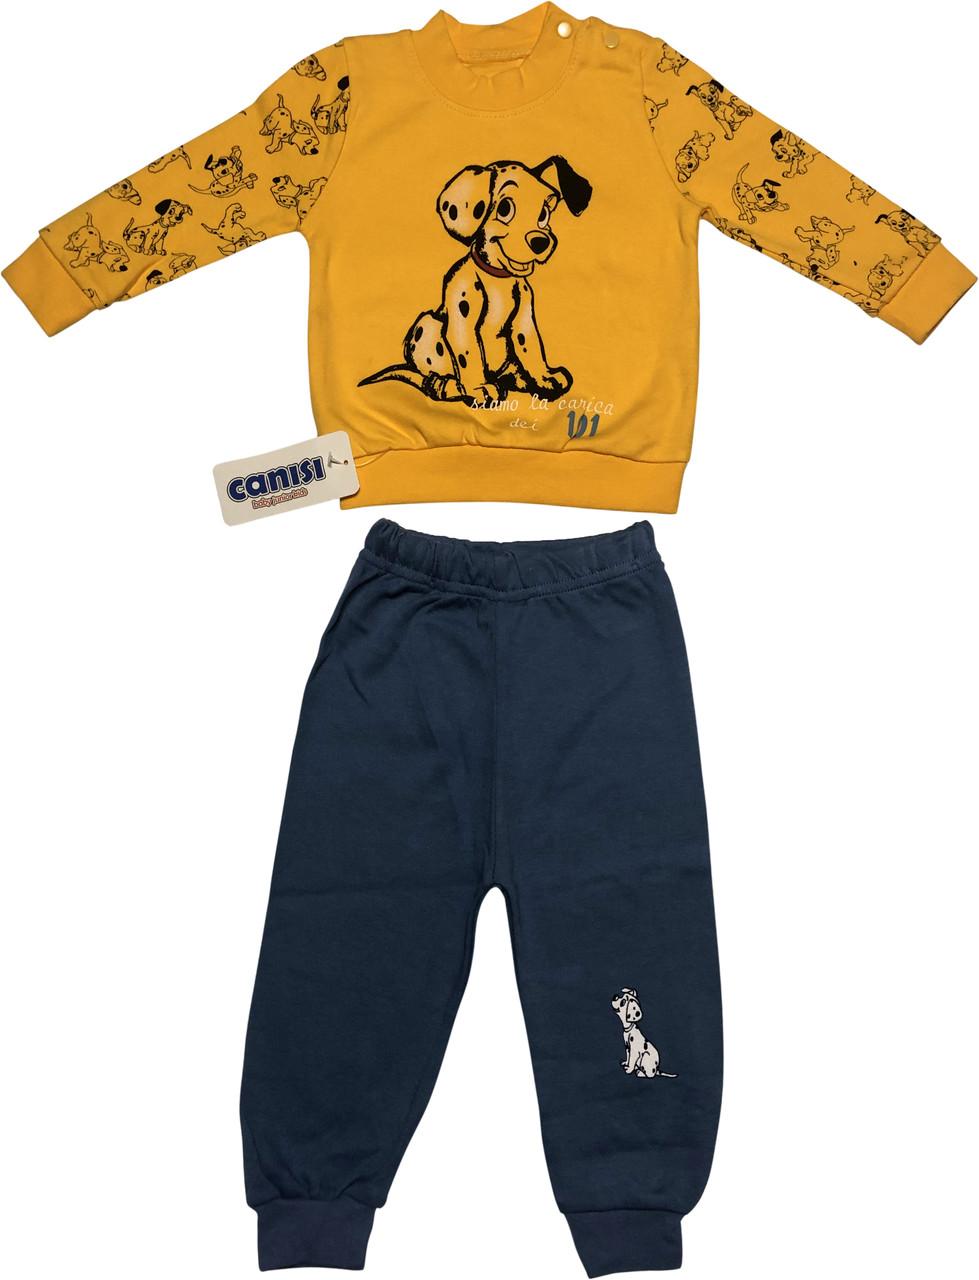 Детский костюм рост 68 3-6 мес трикотажный оранжевый костюмчик на мальчика комплект для новорожденных малышей ТН152